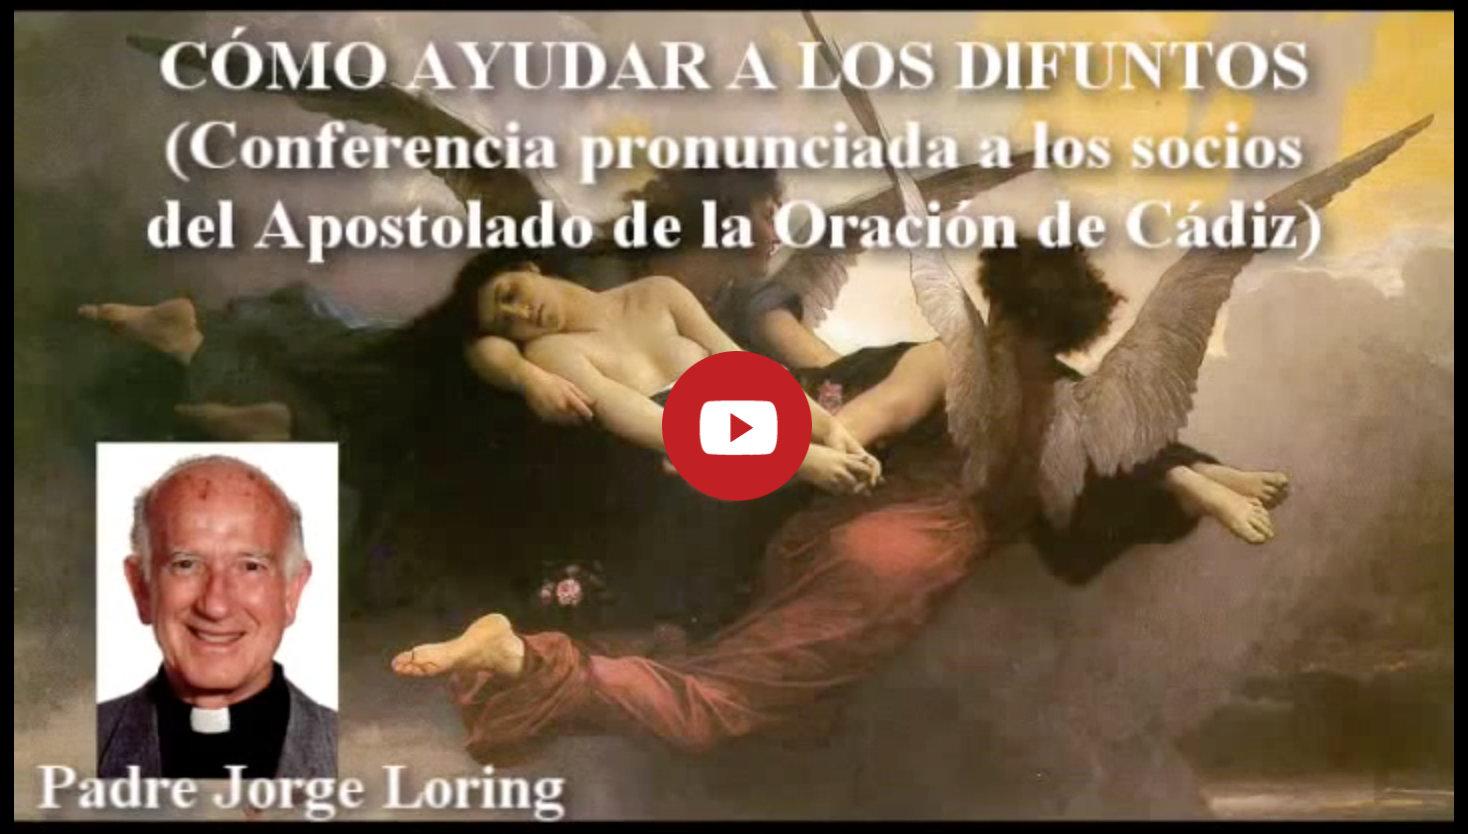 Ver Video del padre Jorge Loring